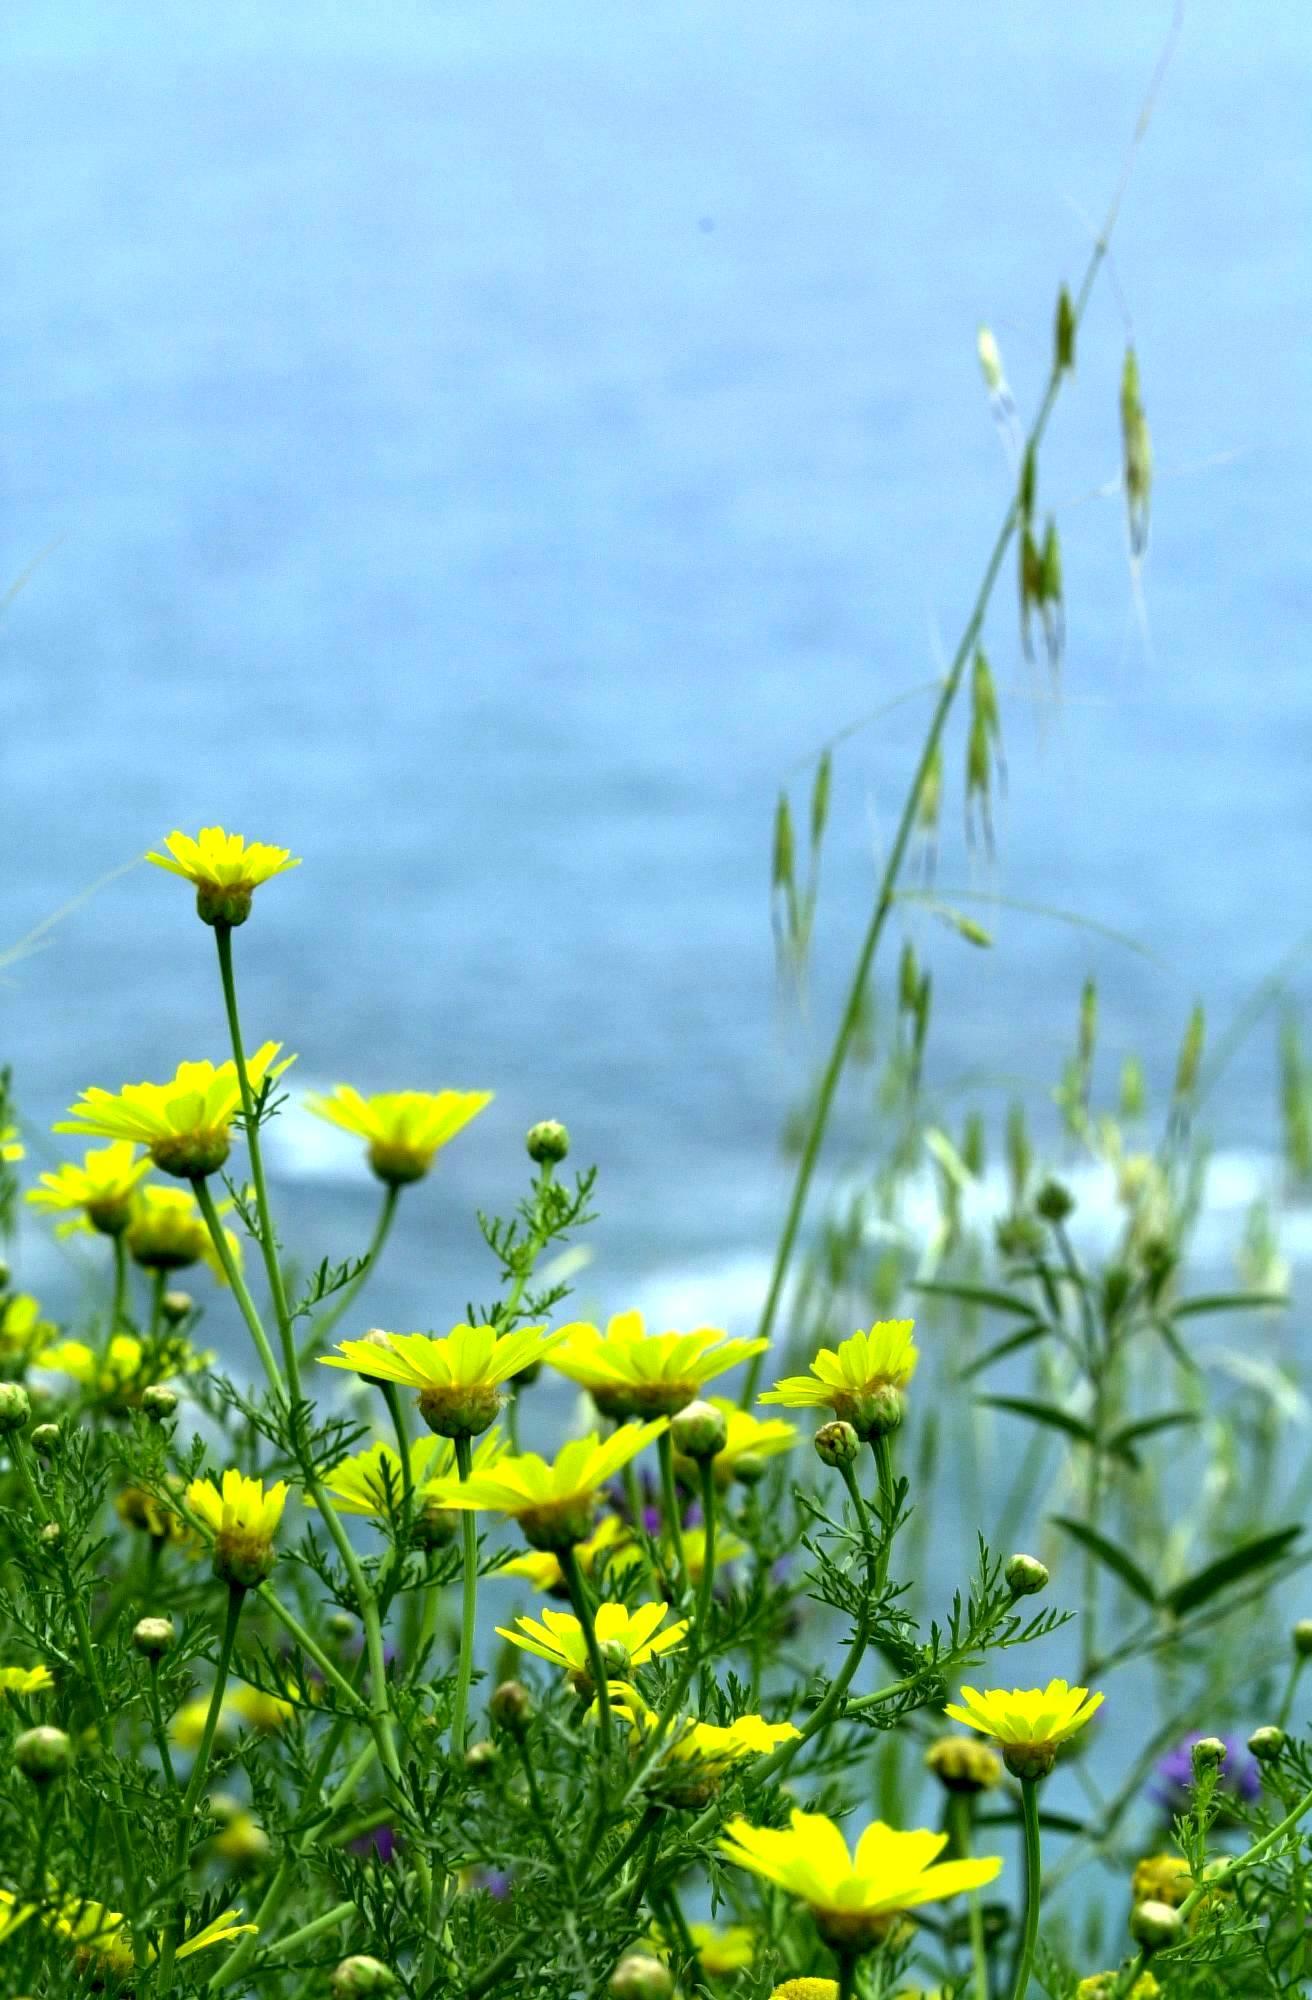 Flowers by seashore